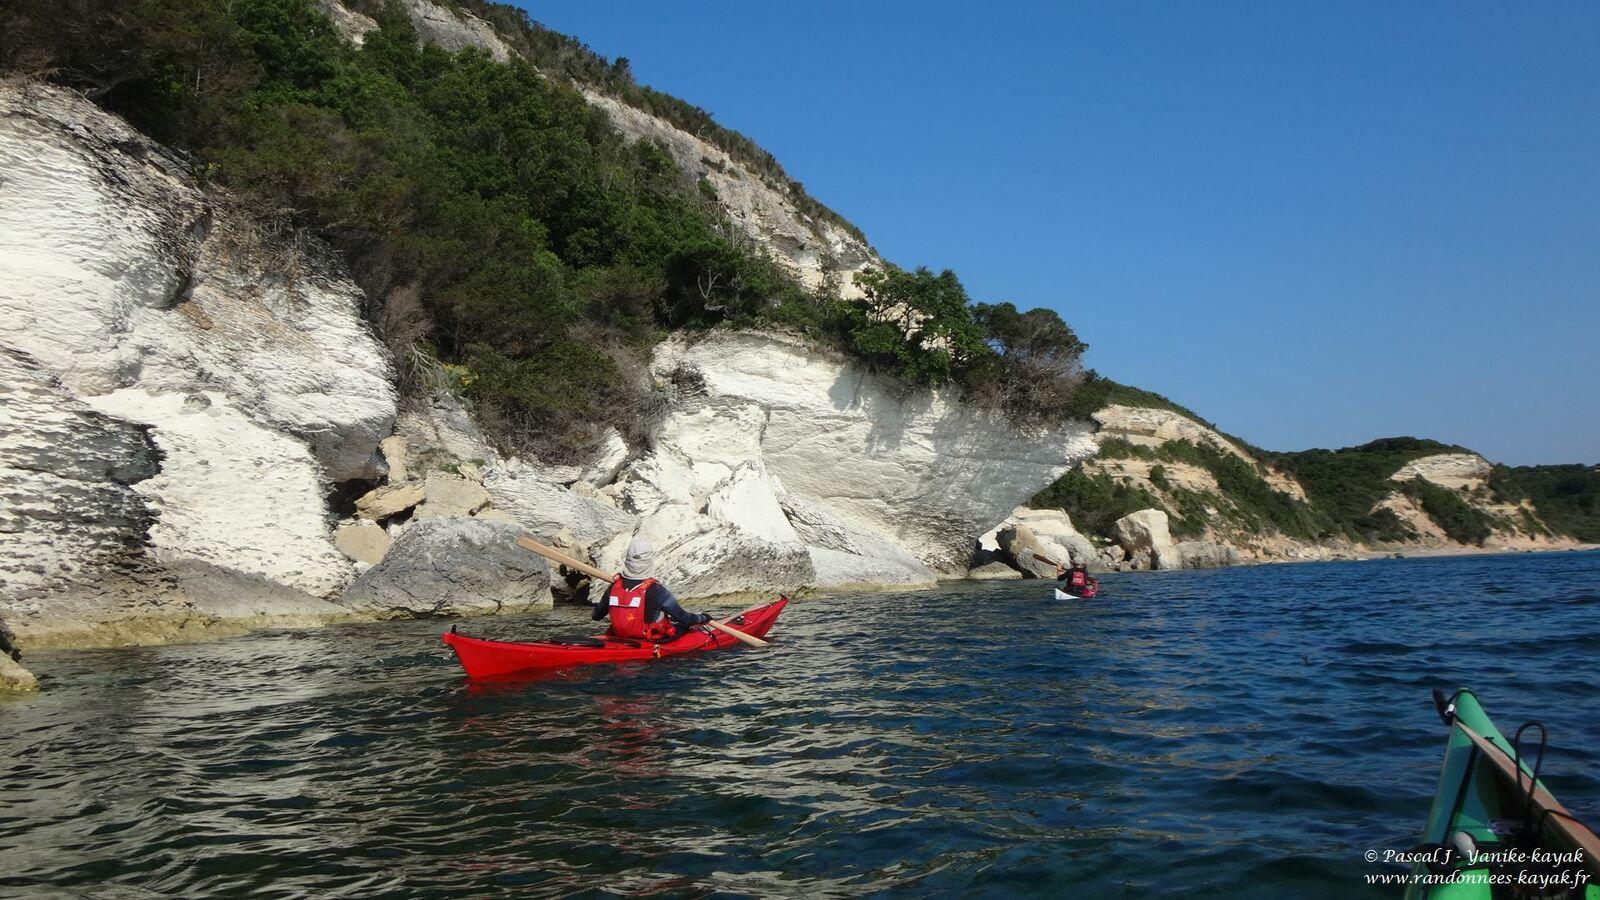 Corsica 2021, la beauté, essentielle, de la nature - Chapitre 13 : De Gurgazu à Sponsaglia